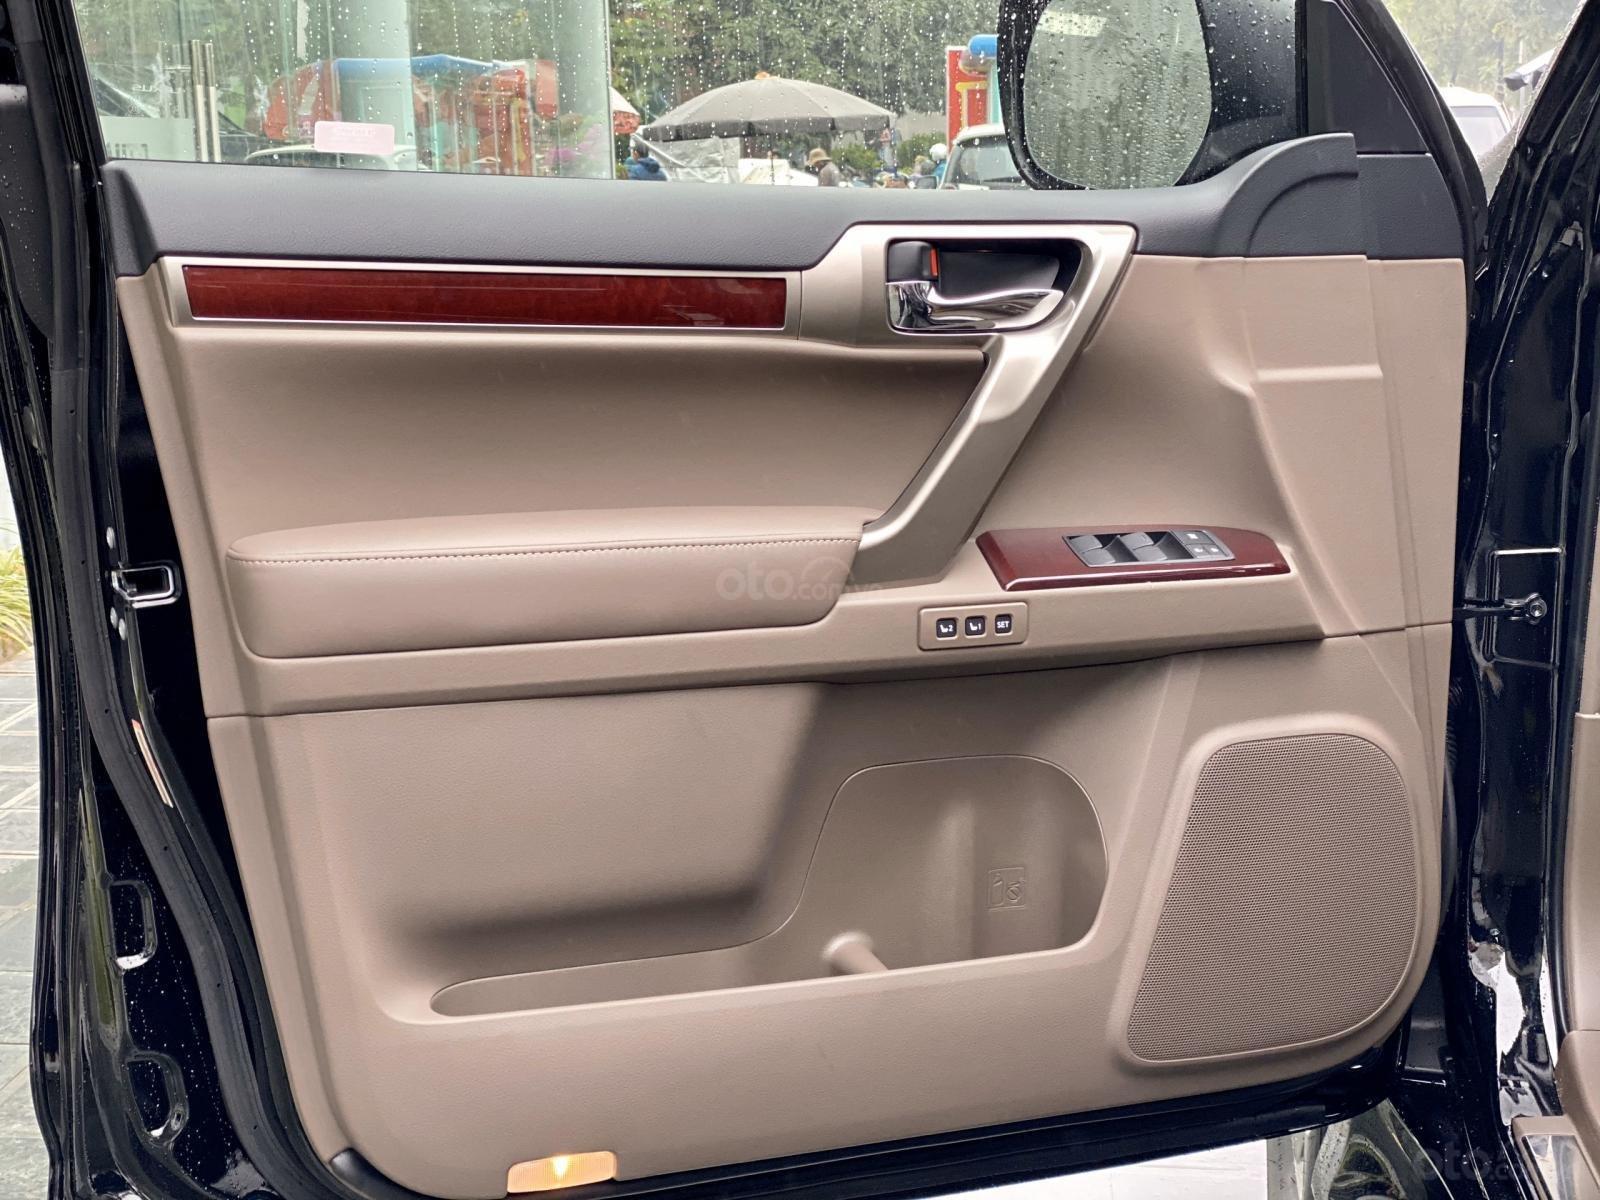 Bán ô tô Lexus GX 460 Luxury full option sản xuất 2019, màu đen, xe nhập Mỹ mới 100% (16)